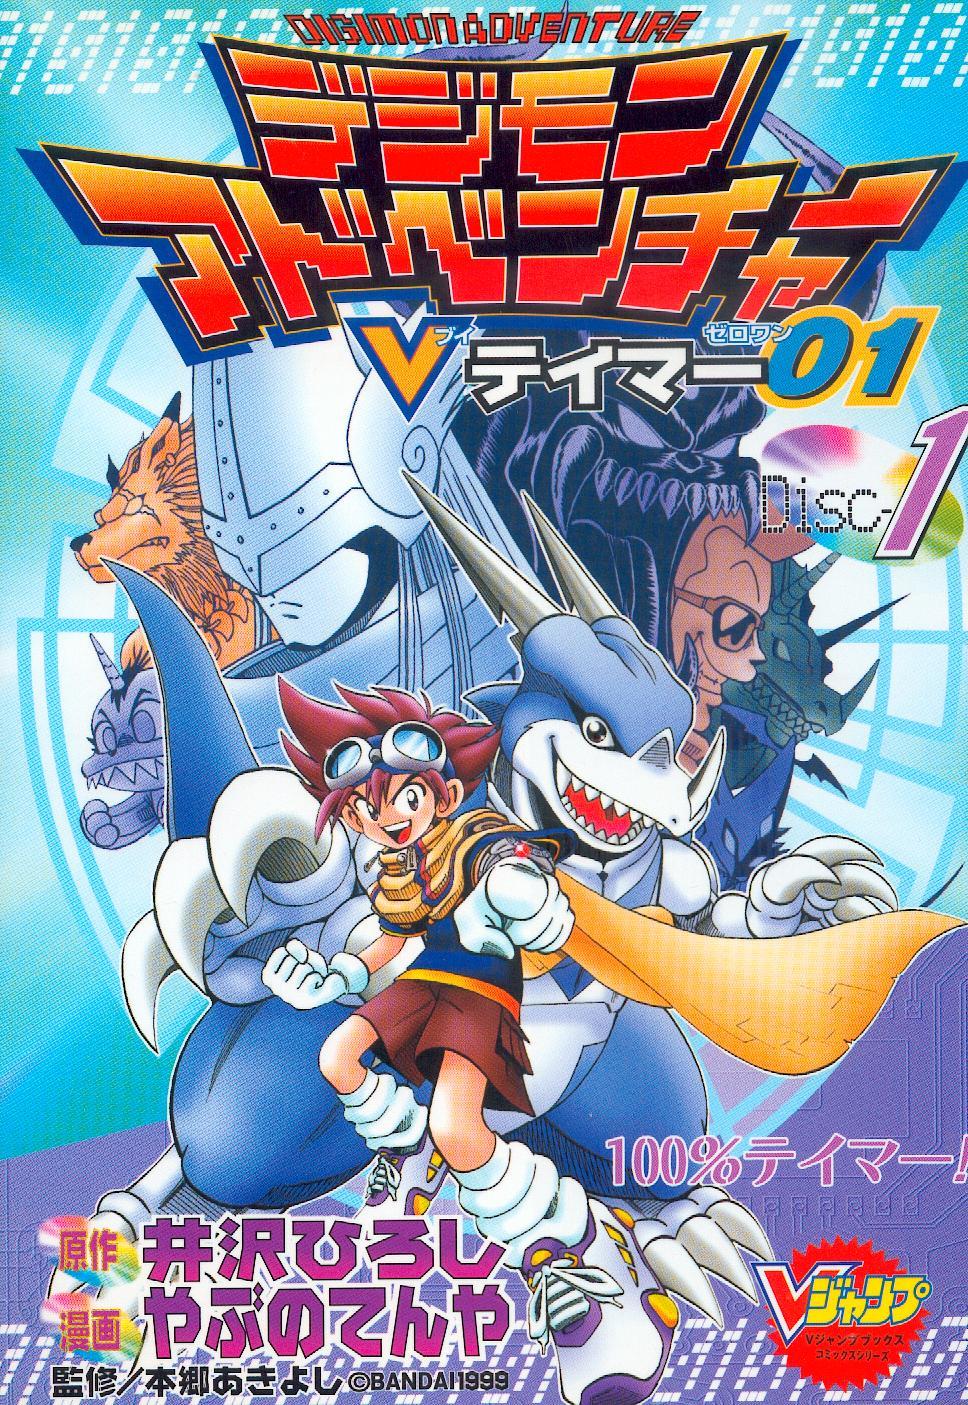 Digimon V-tamer Mangá em Português Finalmente! 01-00a